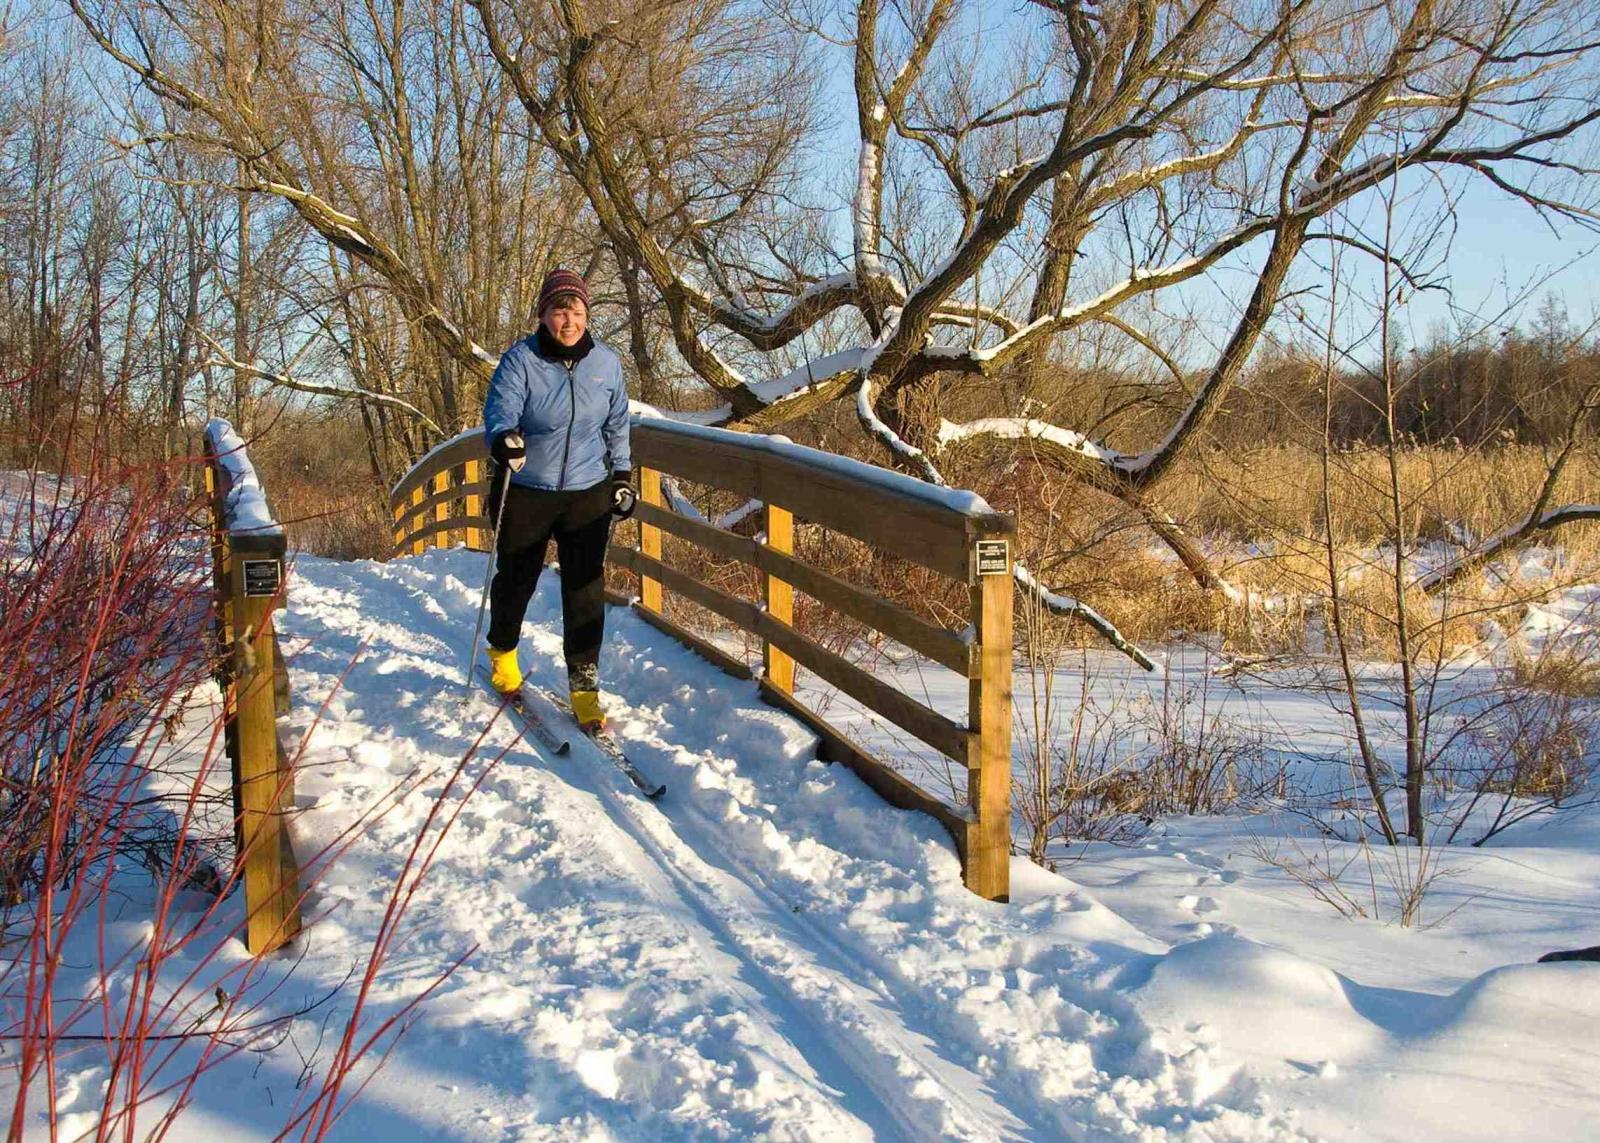 Skiing at the Minnesota Landscape Arboretum